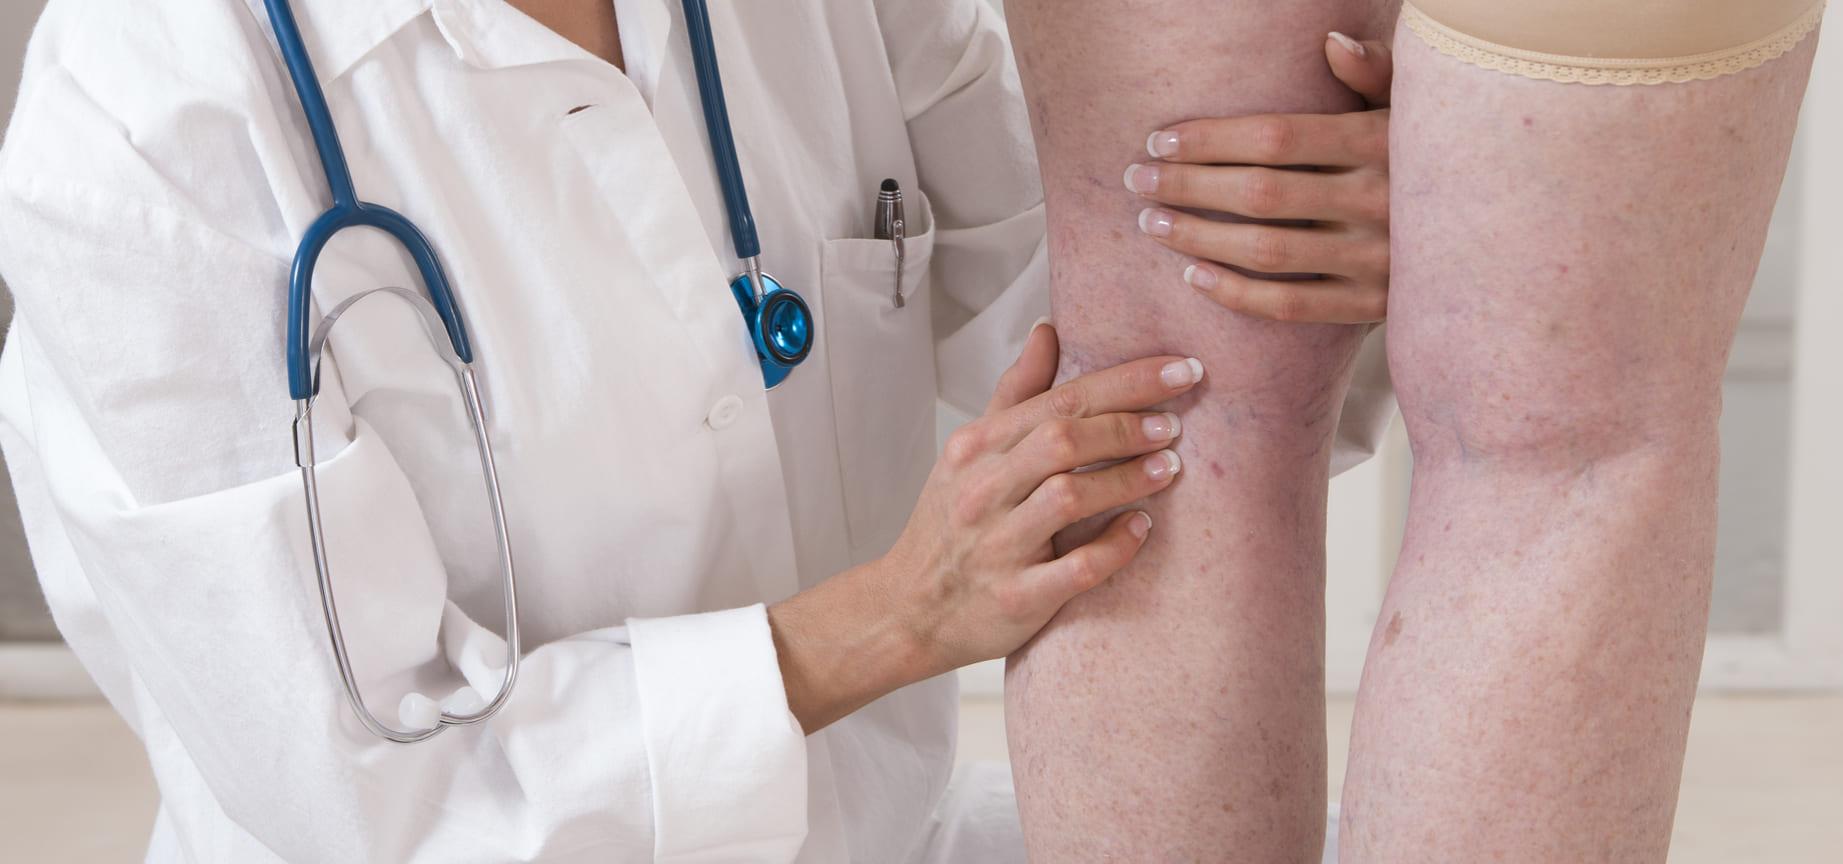 Хроническая артериальная недостаточность нижних конечностей